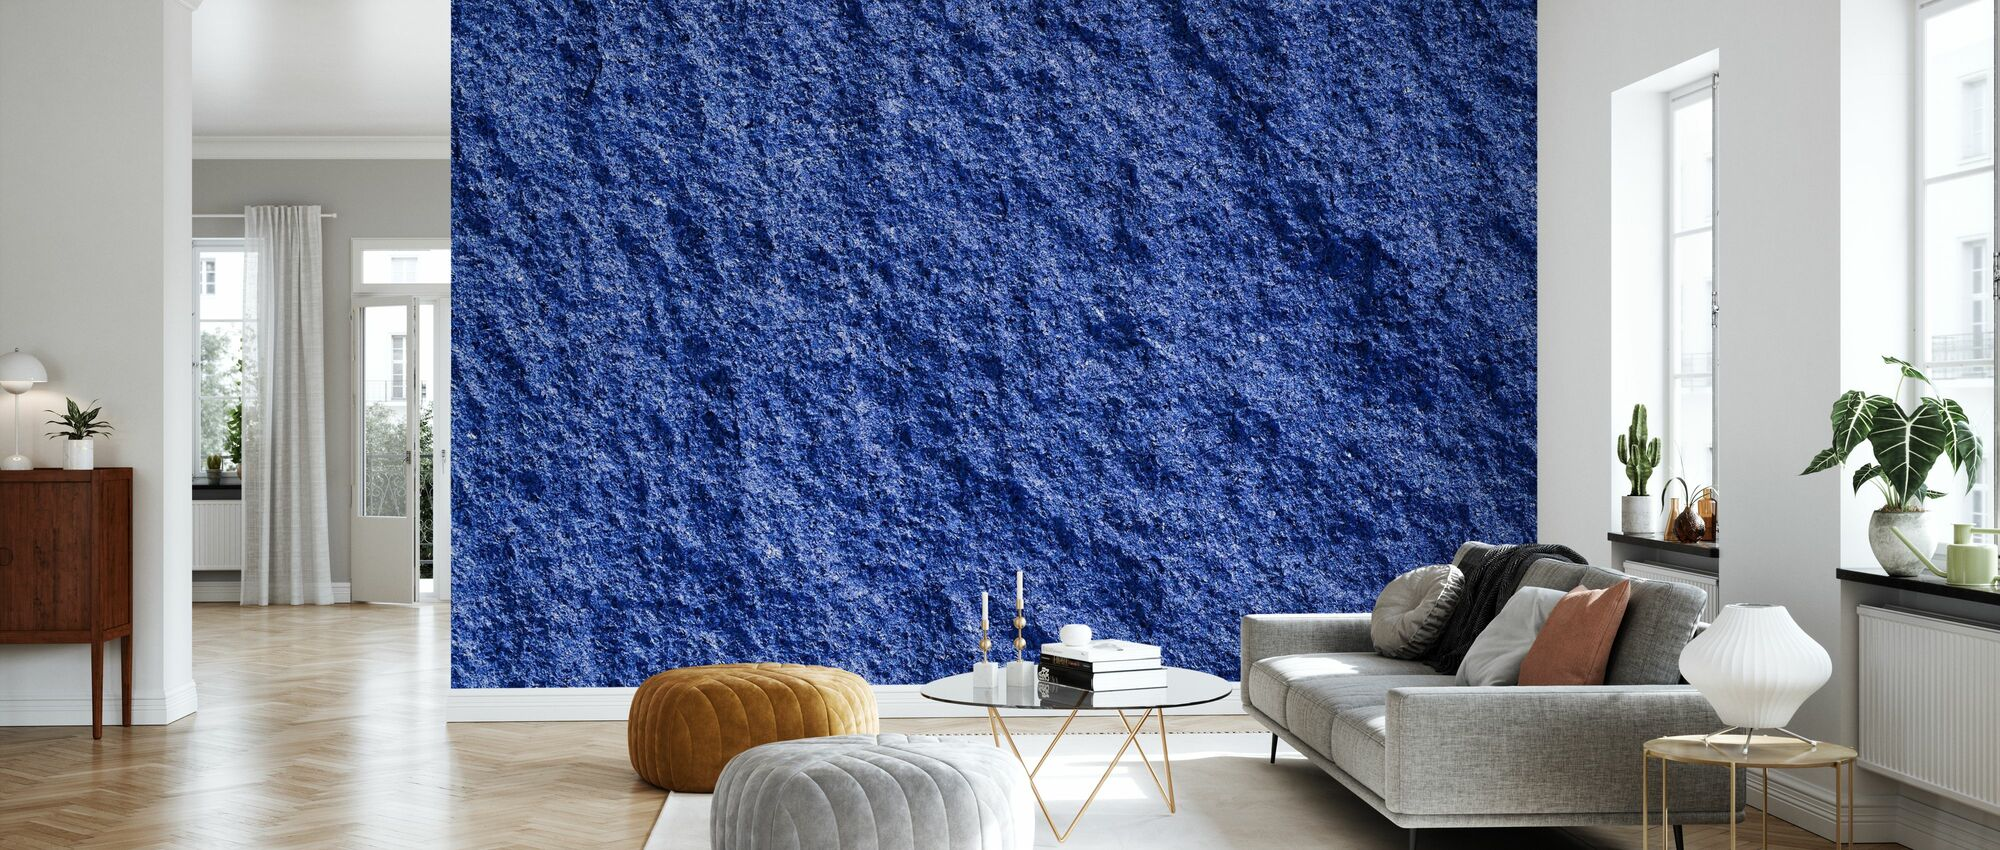 Blauer Granit - Tapete - Wohnzimmer